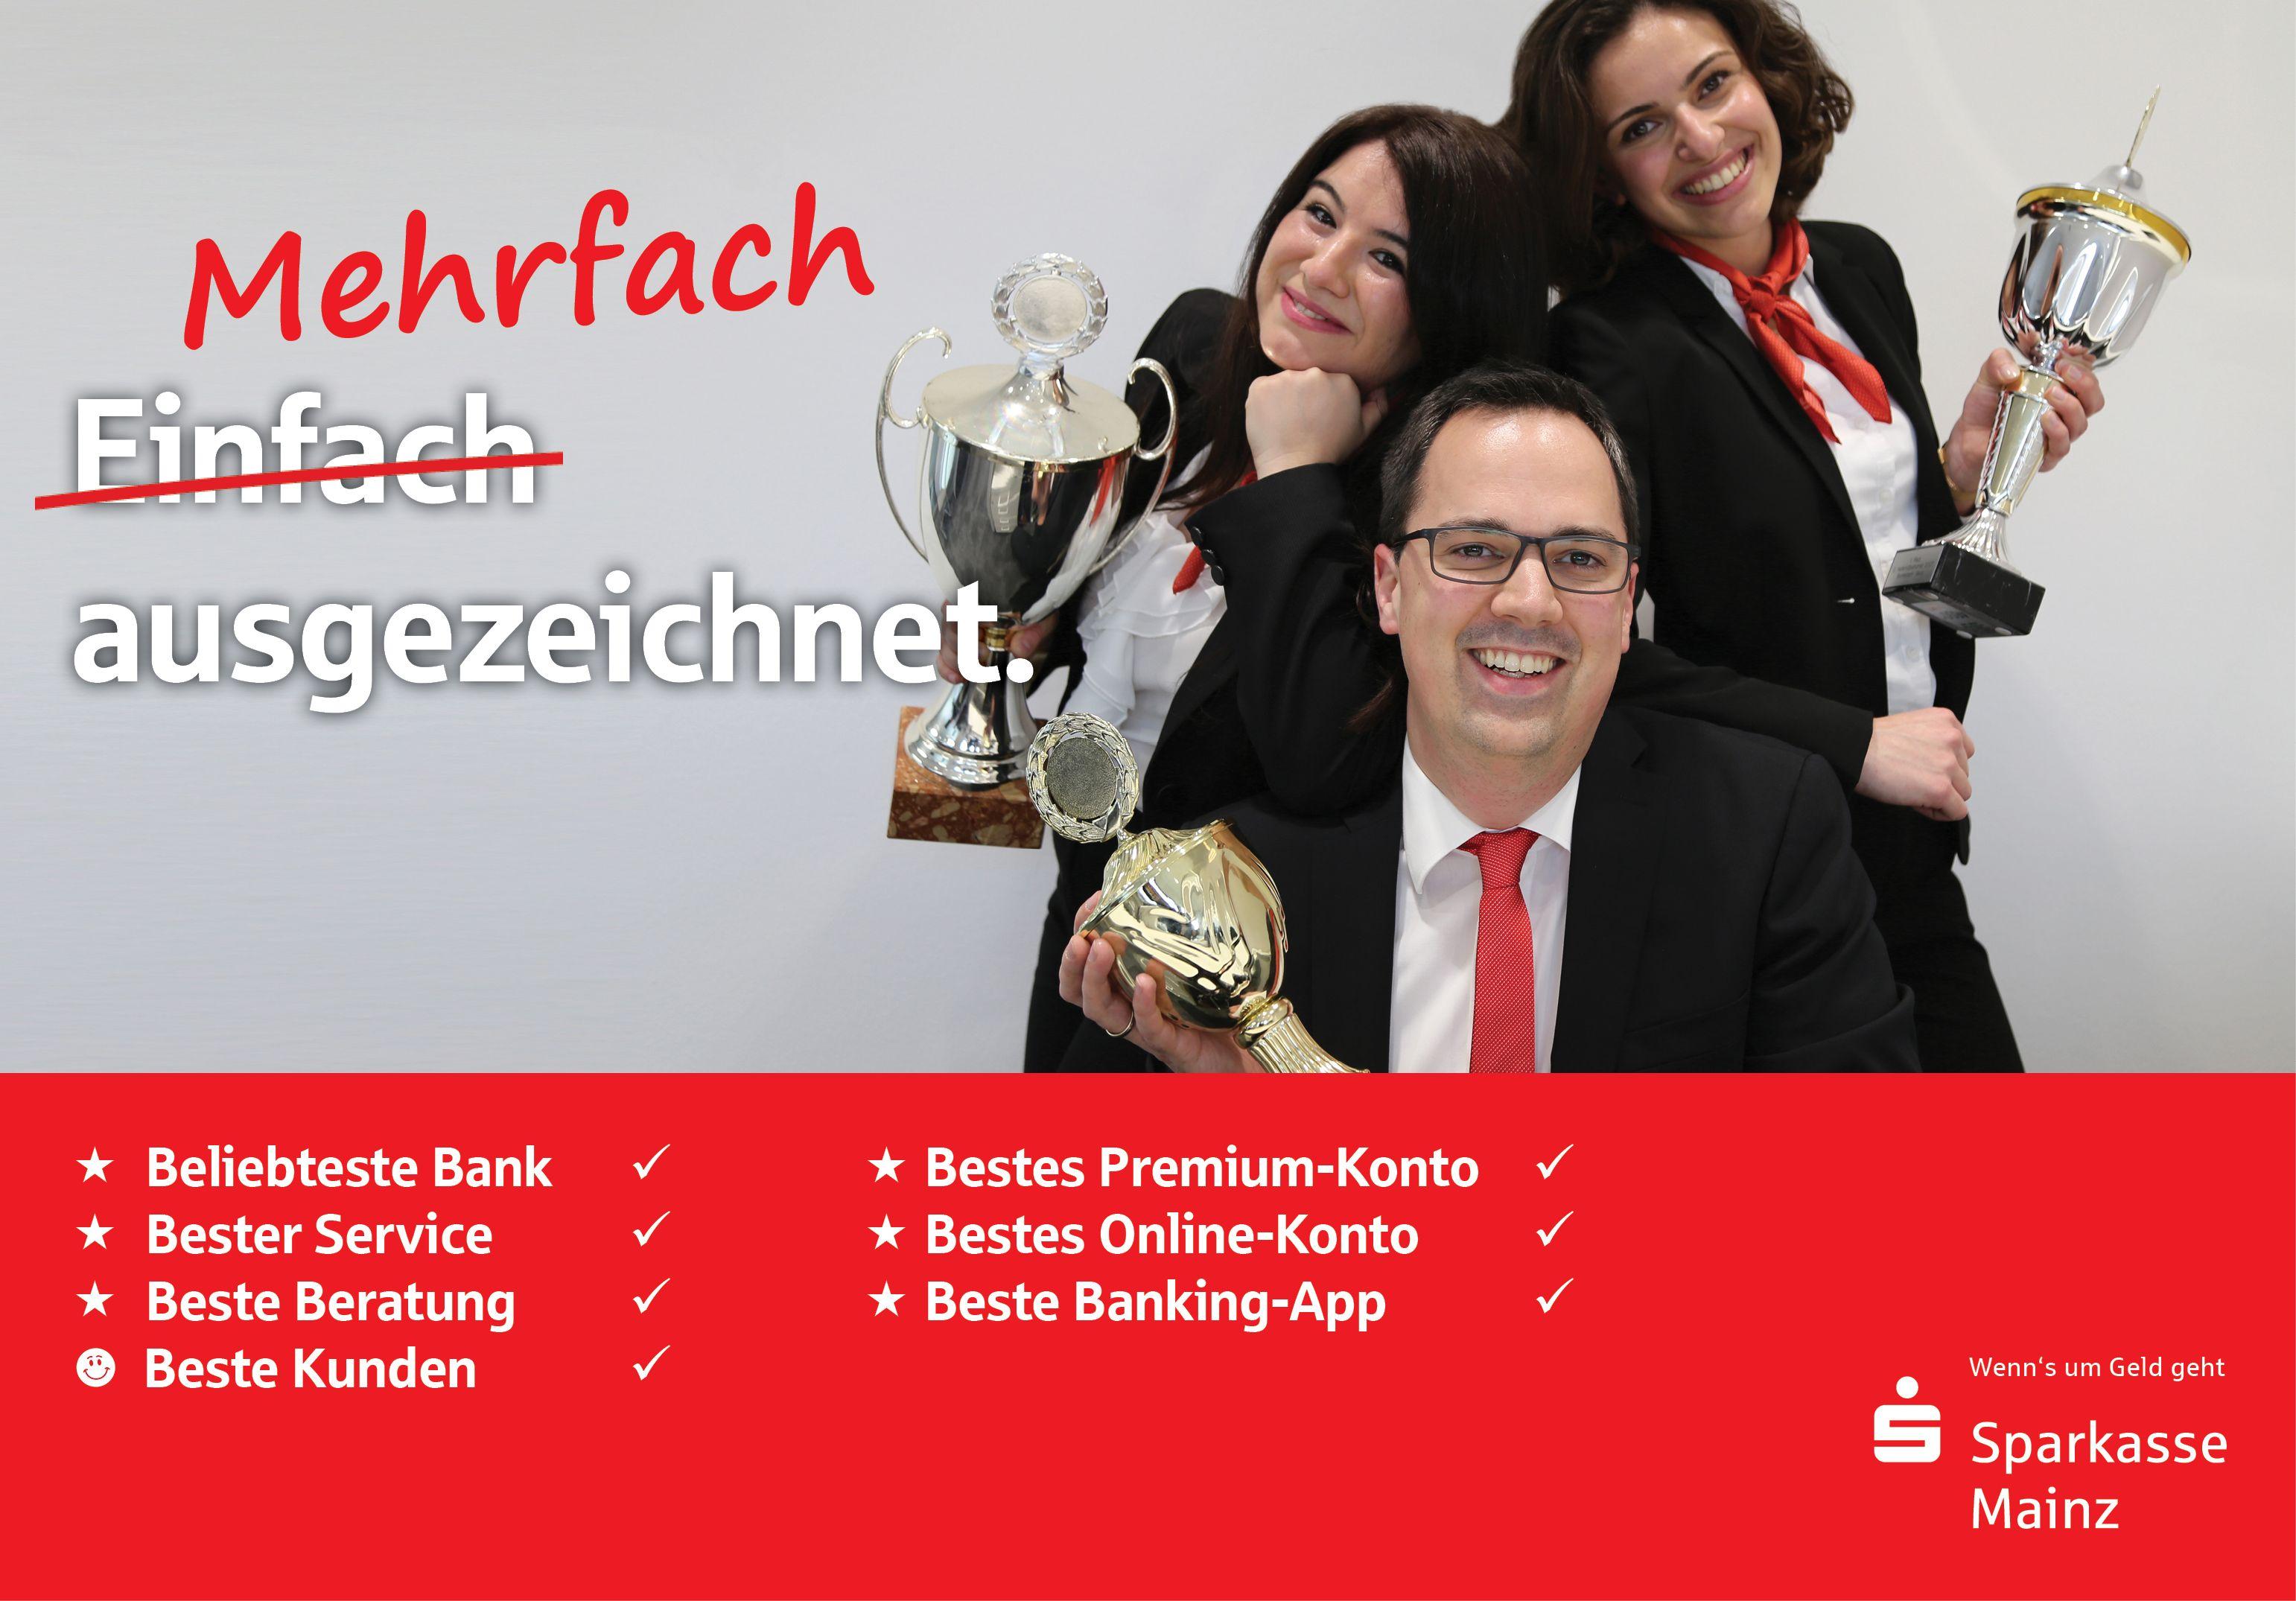 Modernes Banking Muss Vor Allem Eines Zu Ihnen Passen Daher Bieten Wir Bei Der Sparkasse Mainz Nicht Nur Ausgezeichnete Sparkasse Auszeichnen Preise Gewinnen